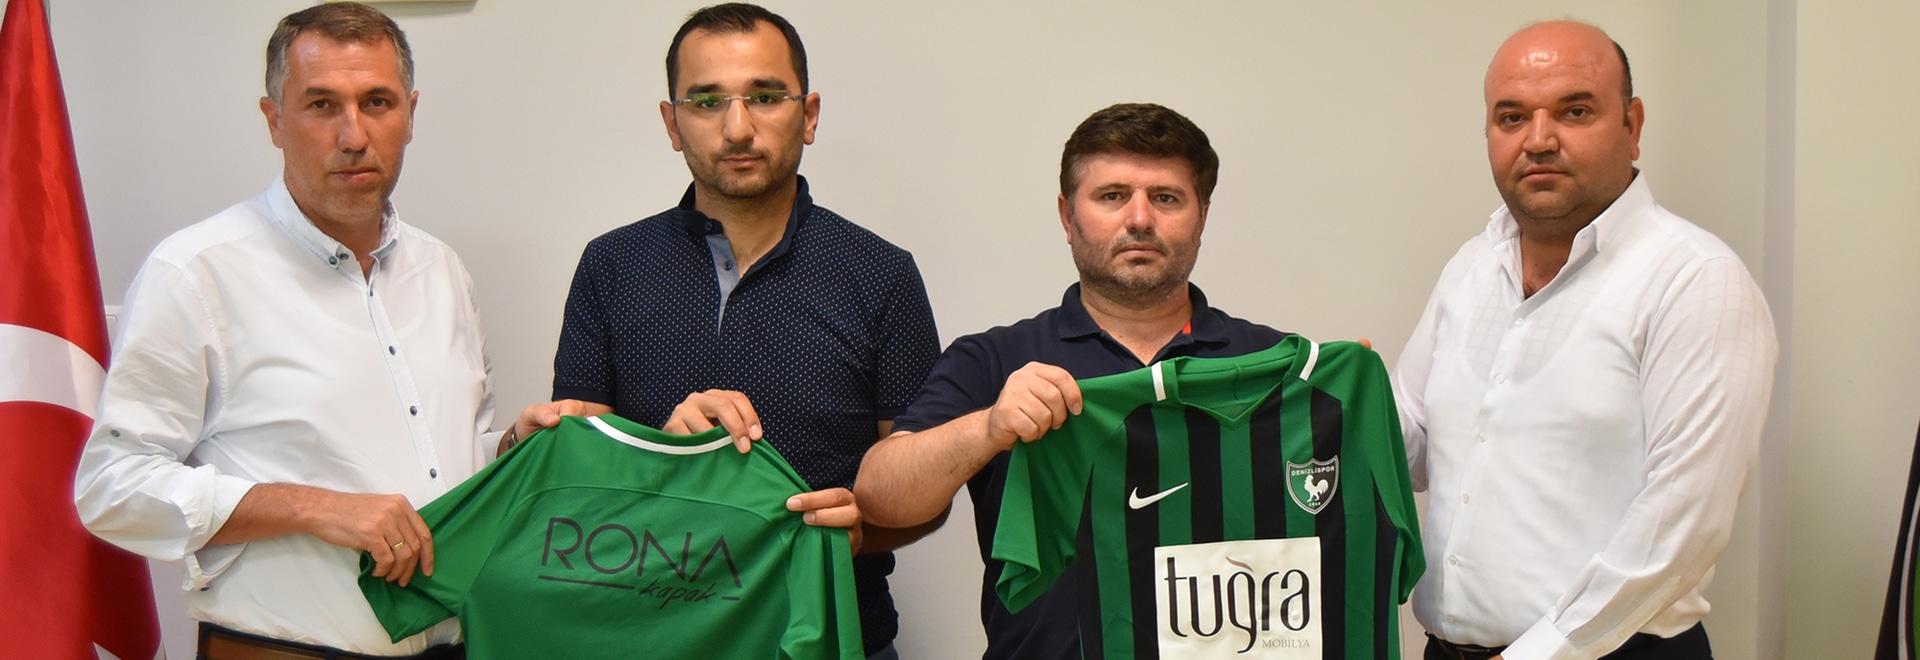 Sponsorship for Denizlispor football team